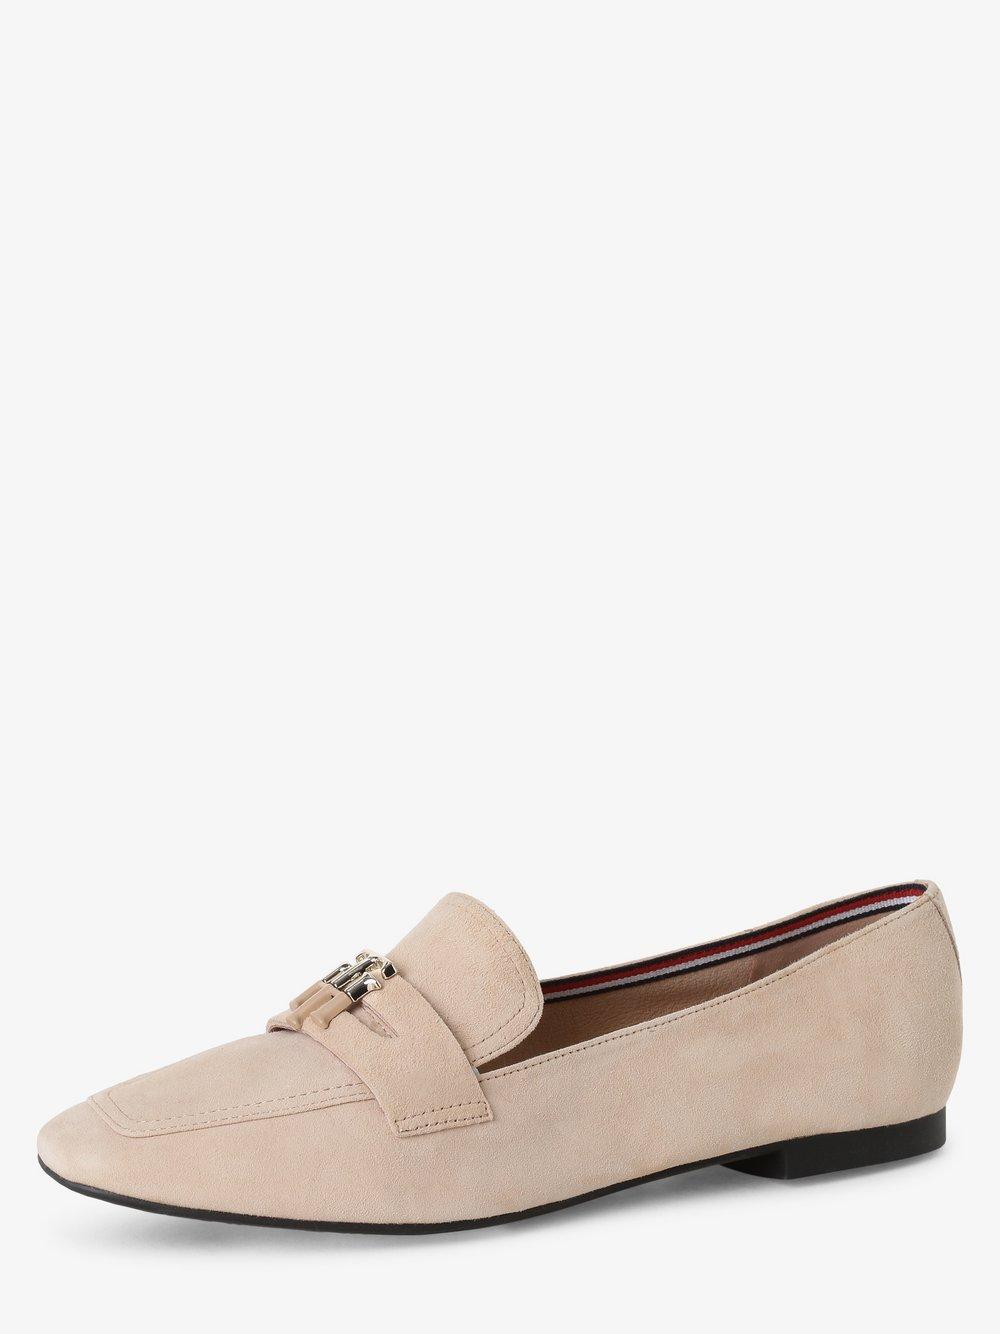 Tommy Hilfiger - Skórzane loafersy damskie, beżowy